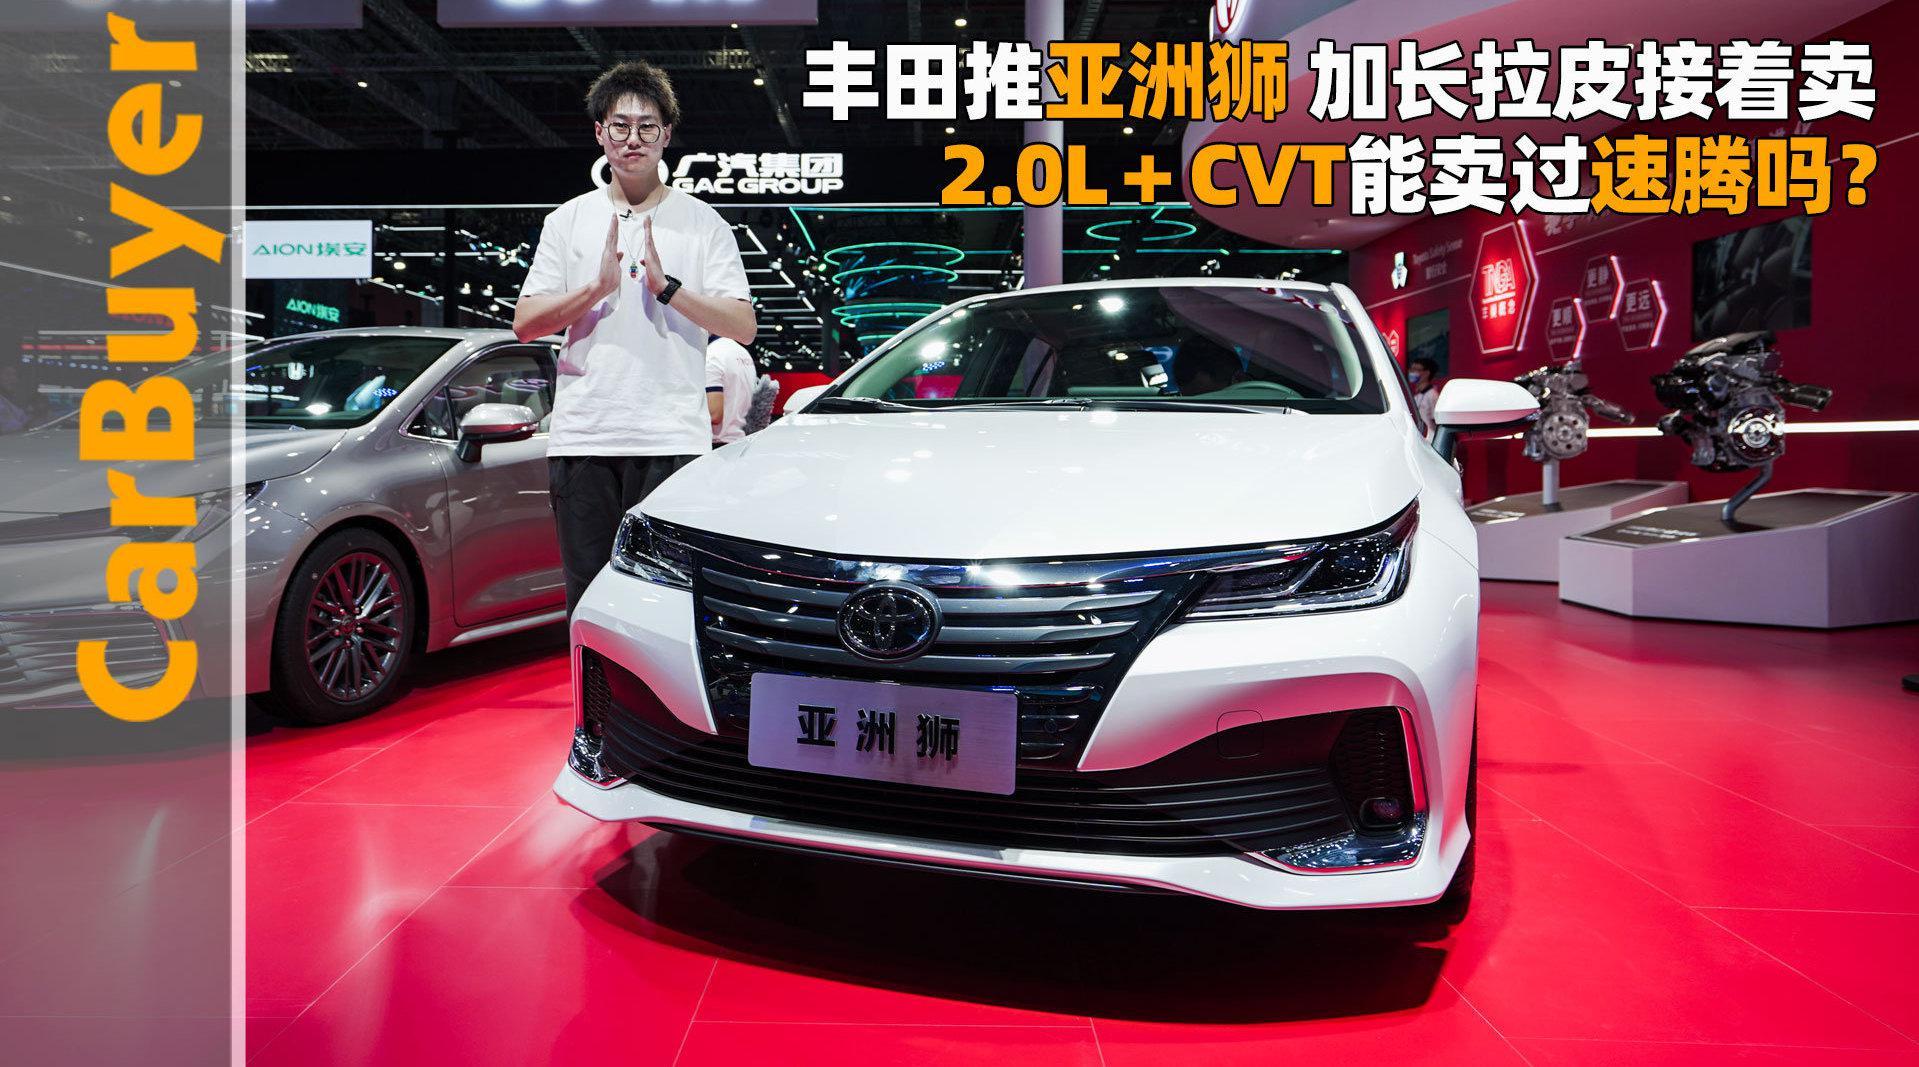 视频:丰田推亚洲狮,加长拉皮接着卖,2.0L+CVT能卖过速腾吗